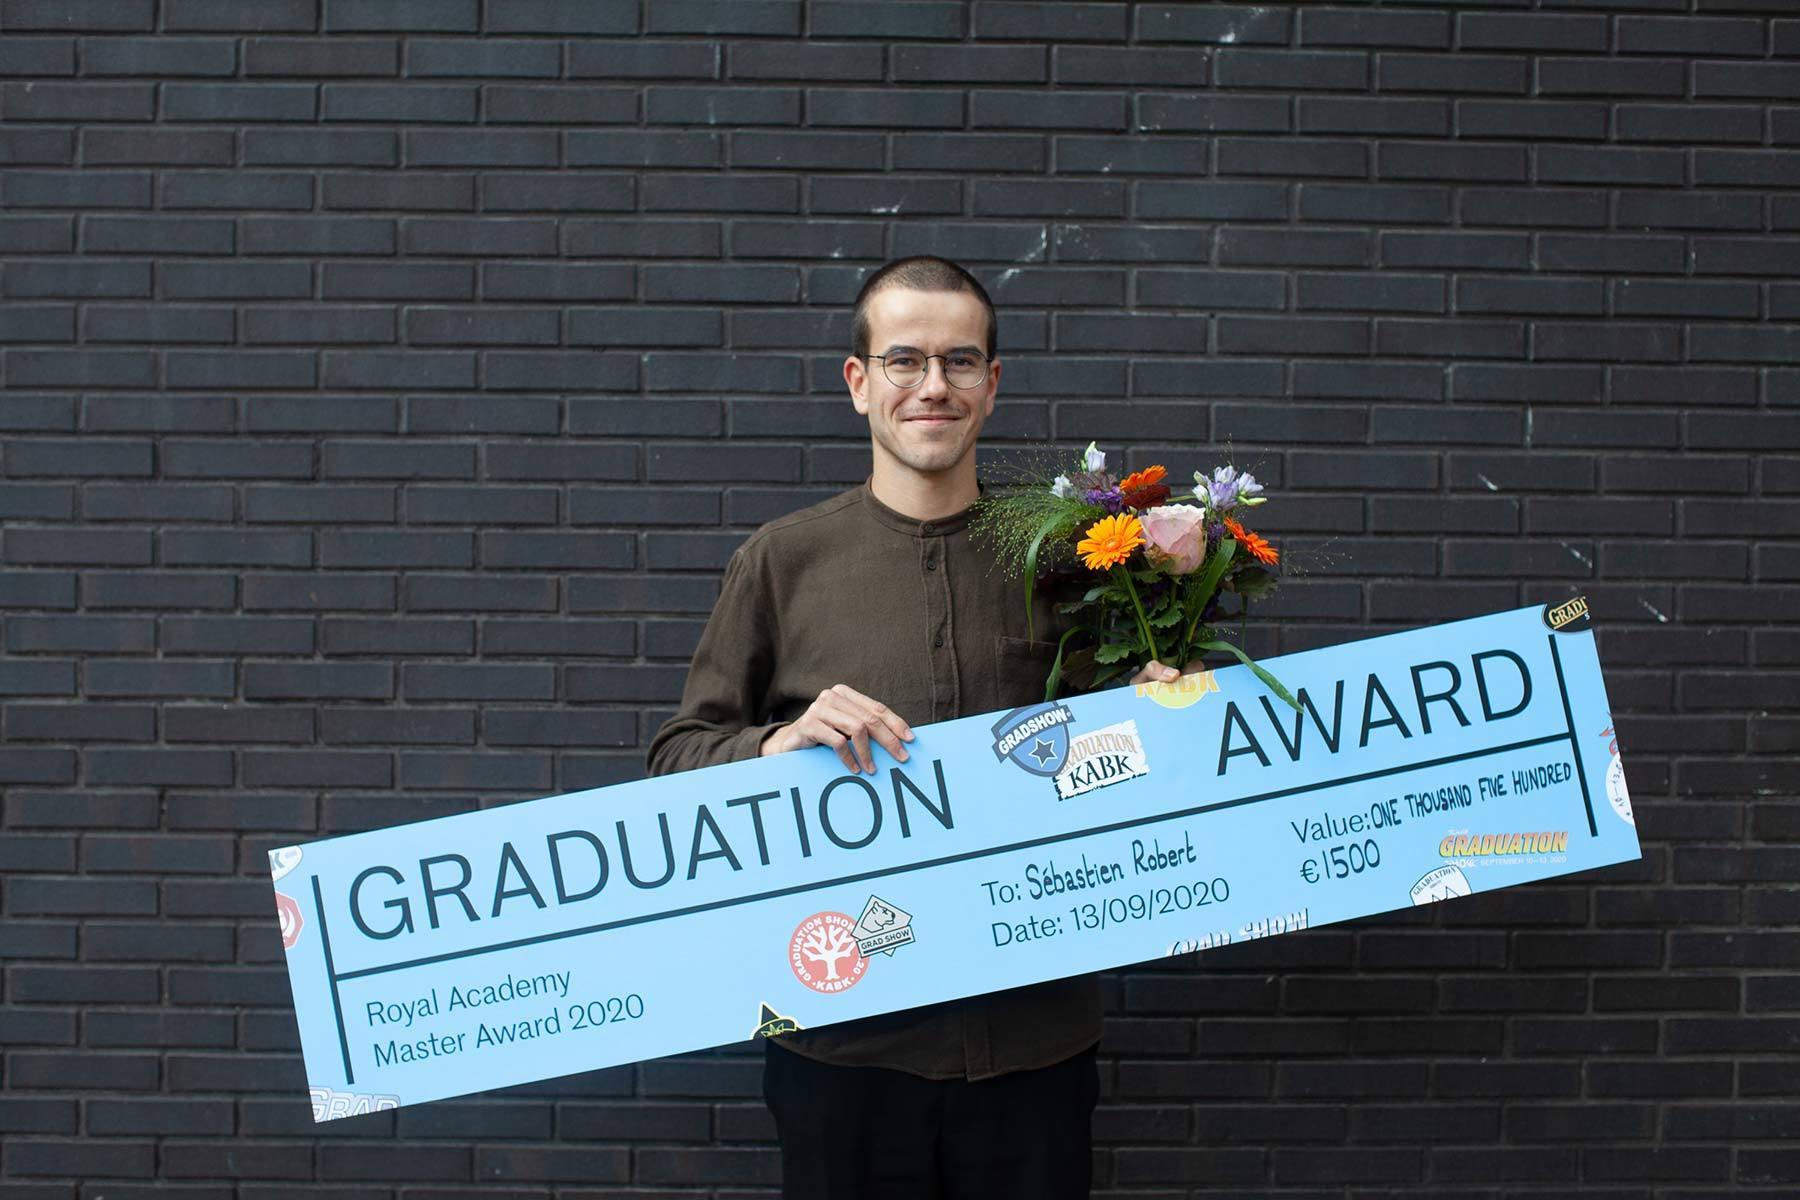 Sébastien Robert, Royal Academy Master Award Winner 2020